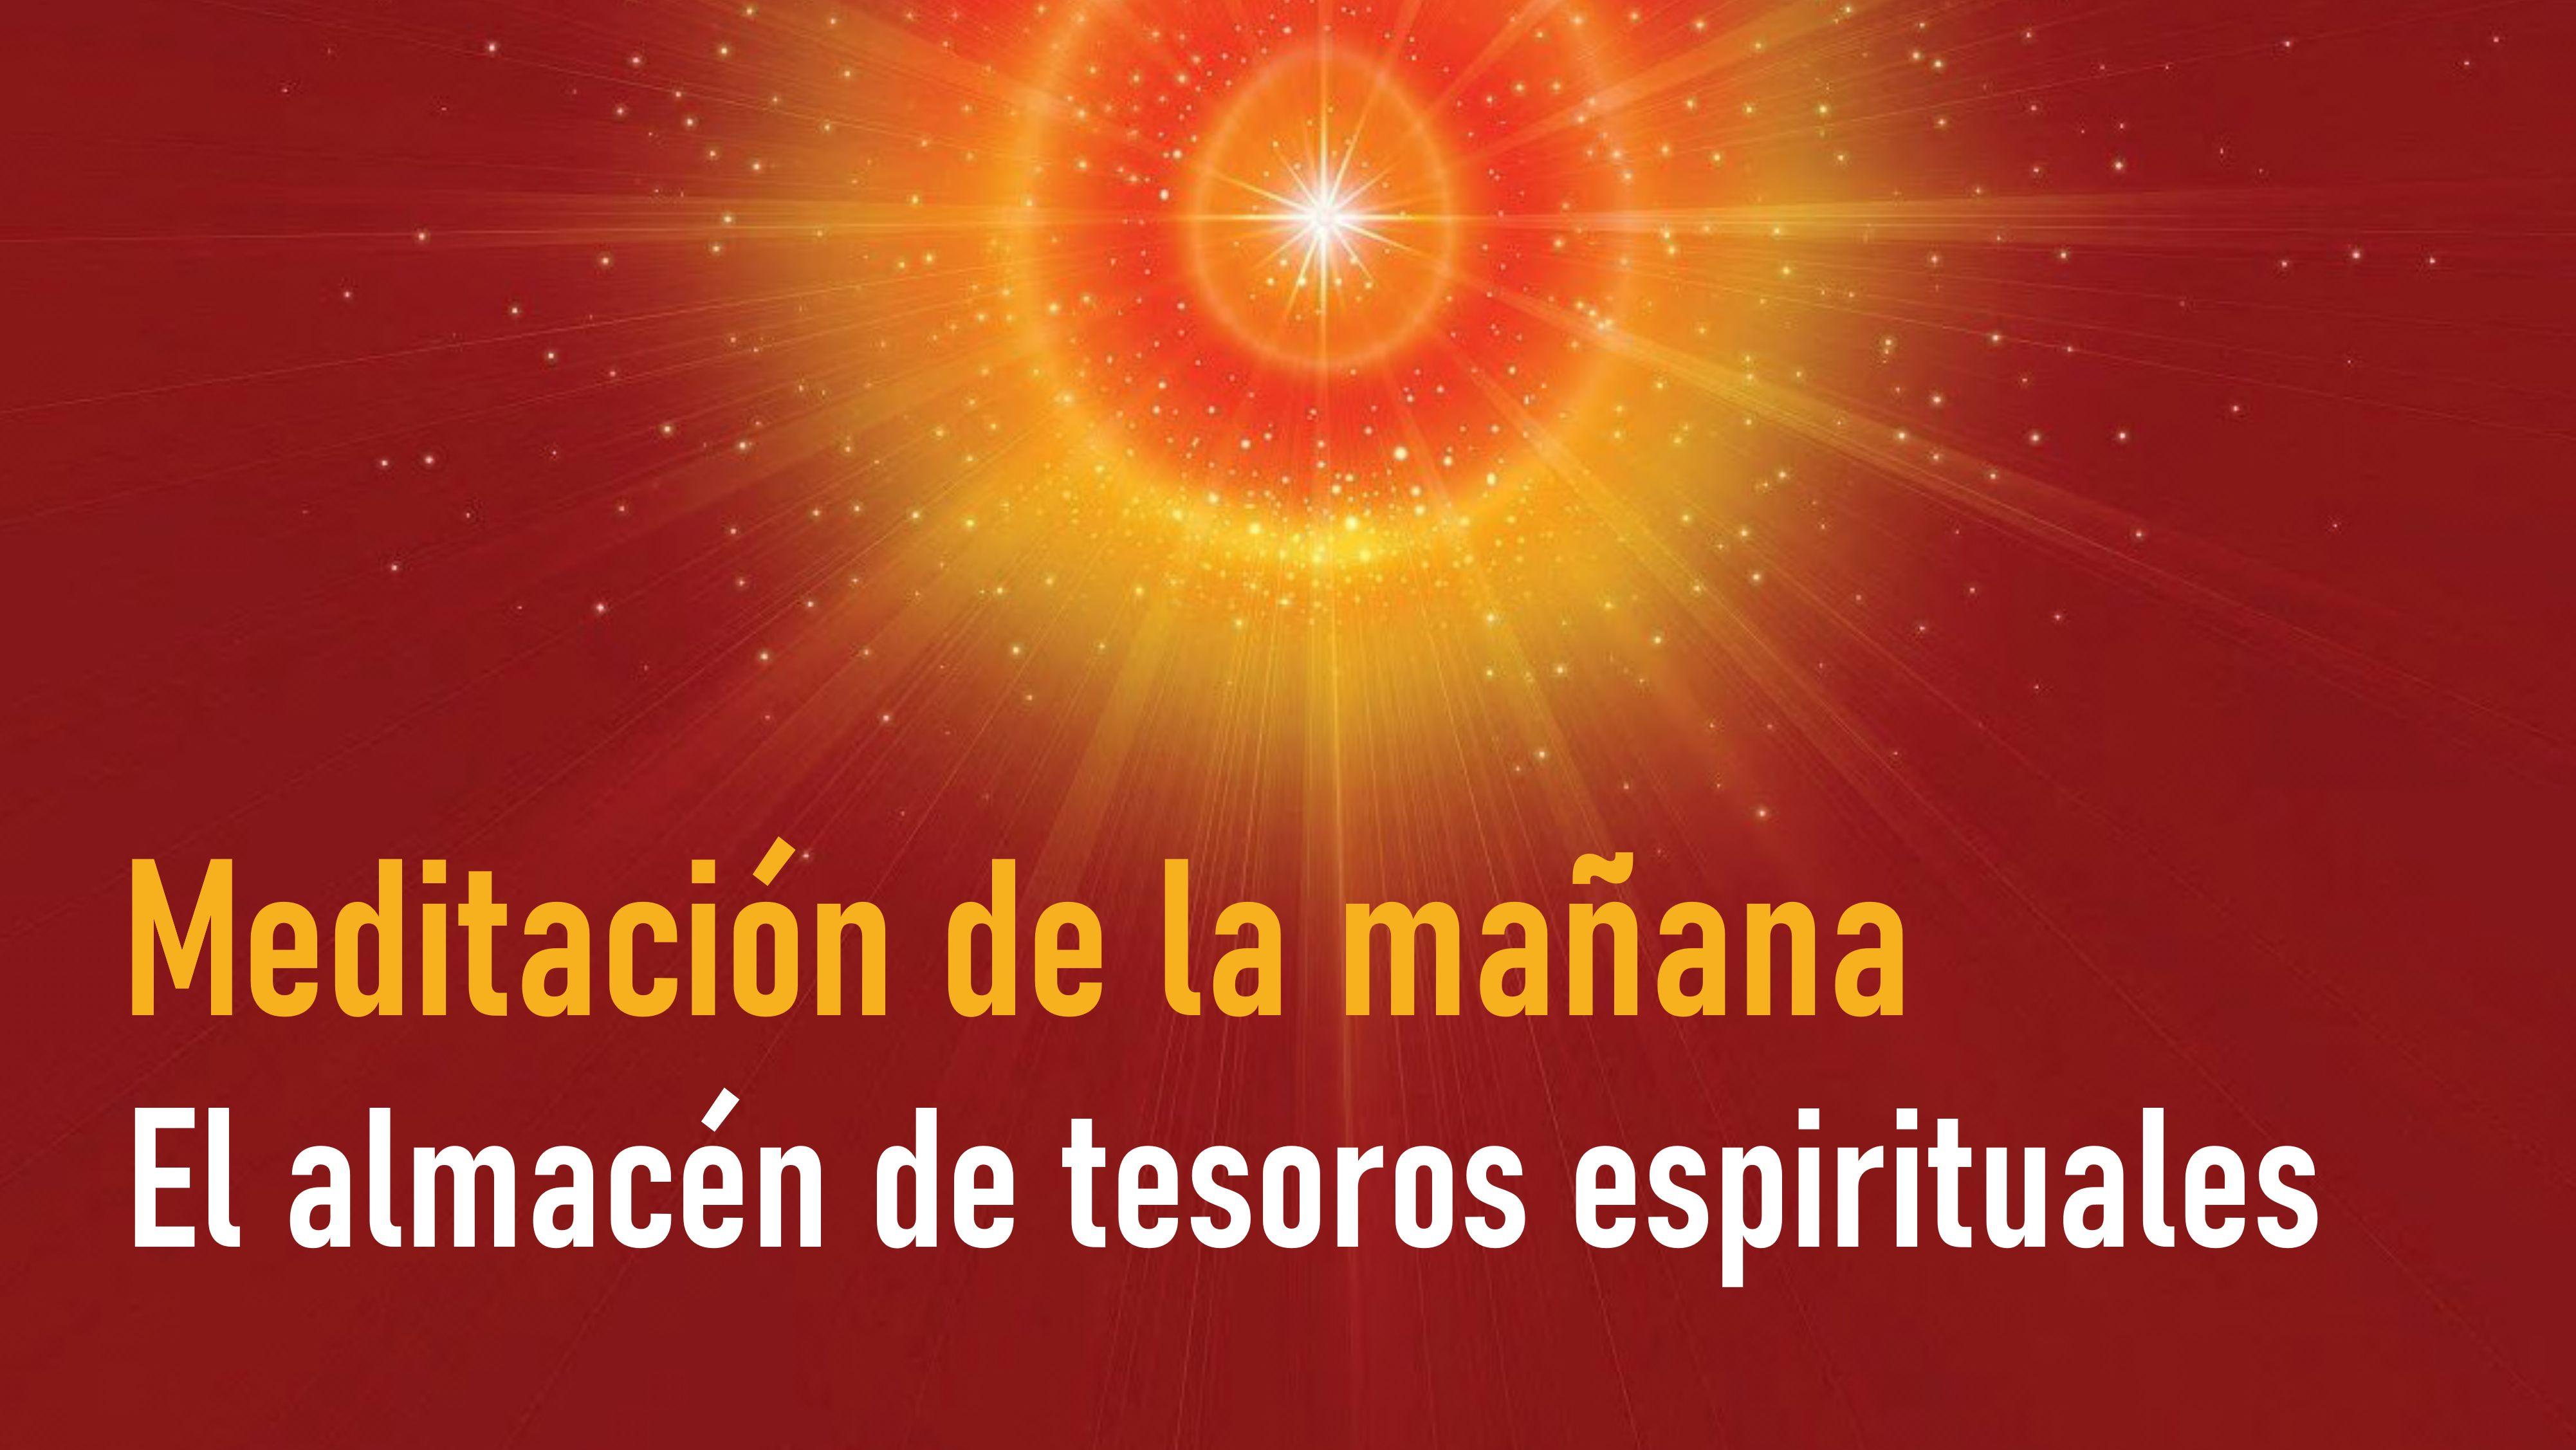 Meditación de la mañana: El almacén de tesoros espirituales (1 Octubre 2020)